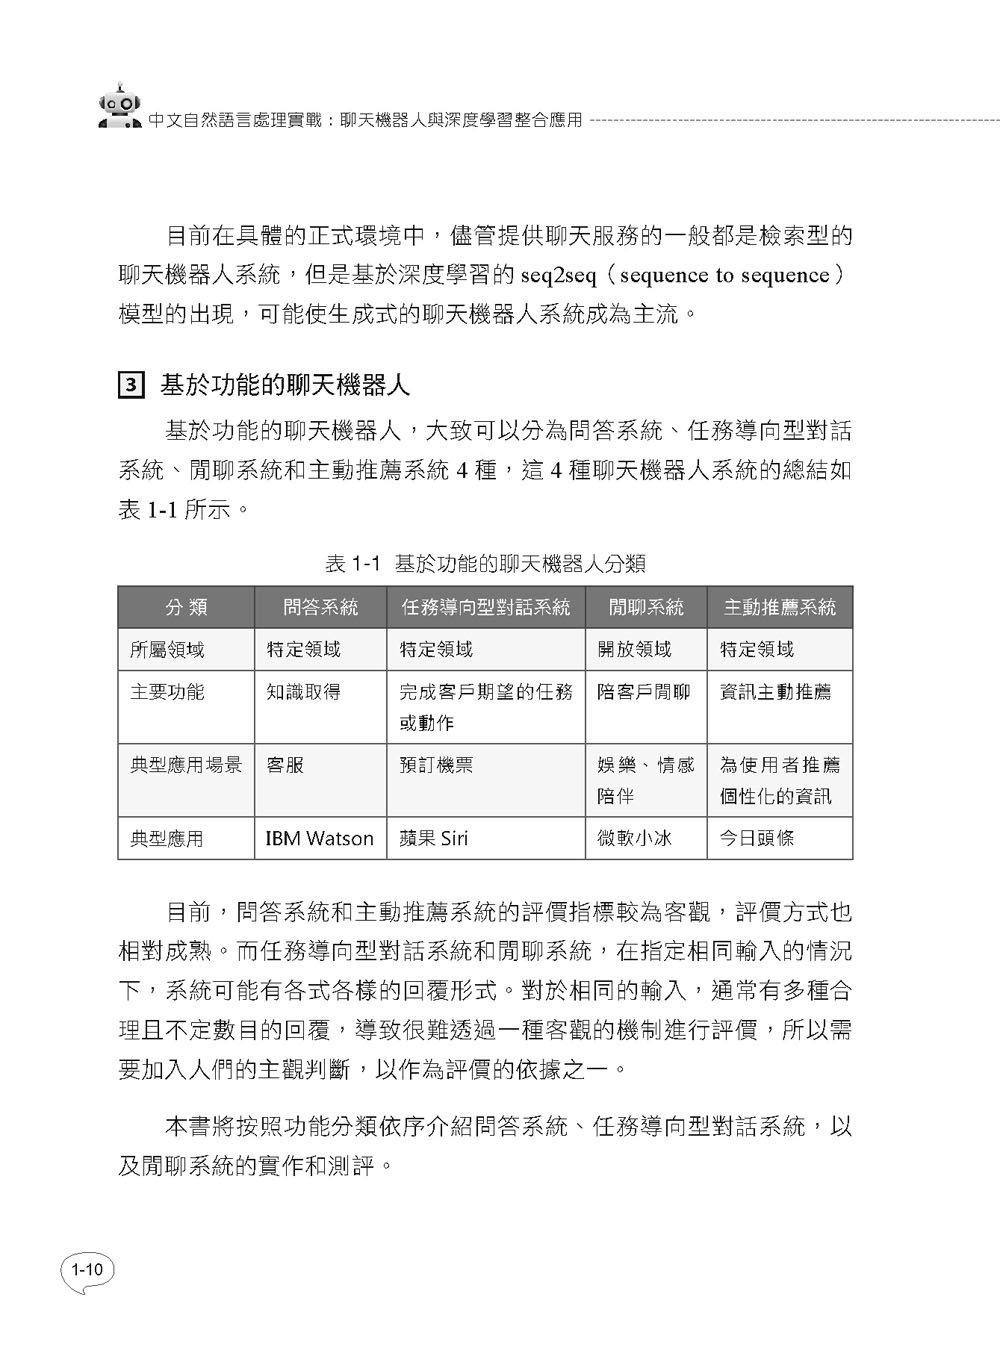 中文自然語言處理實戰:聊天機器人與深度學習整合應用-preview-2